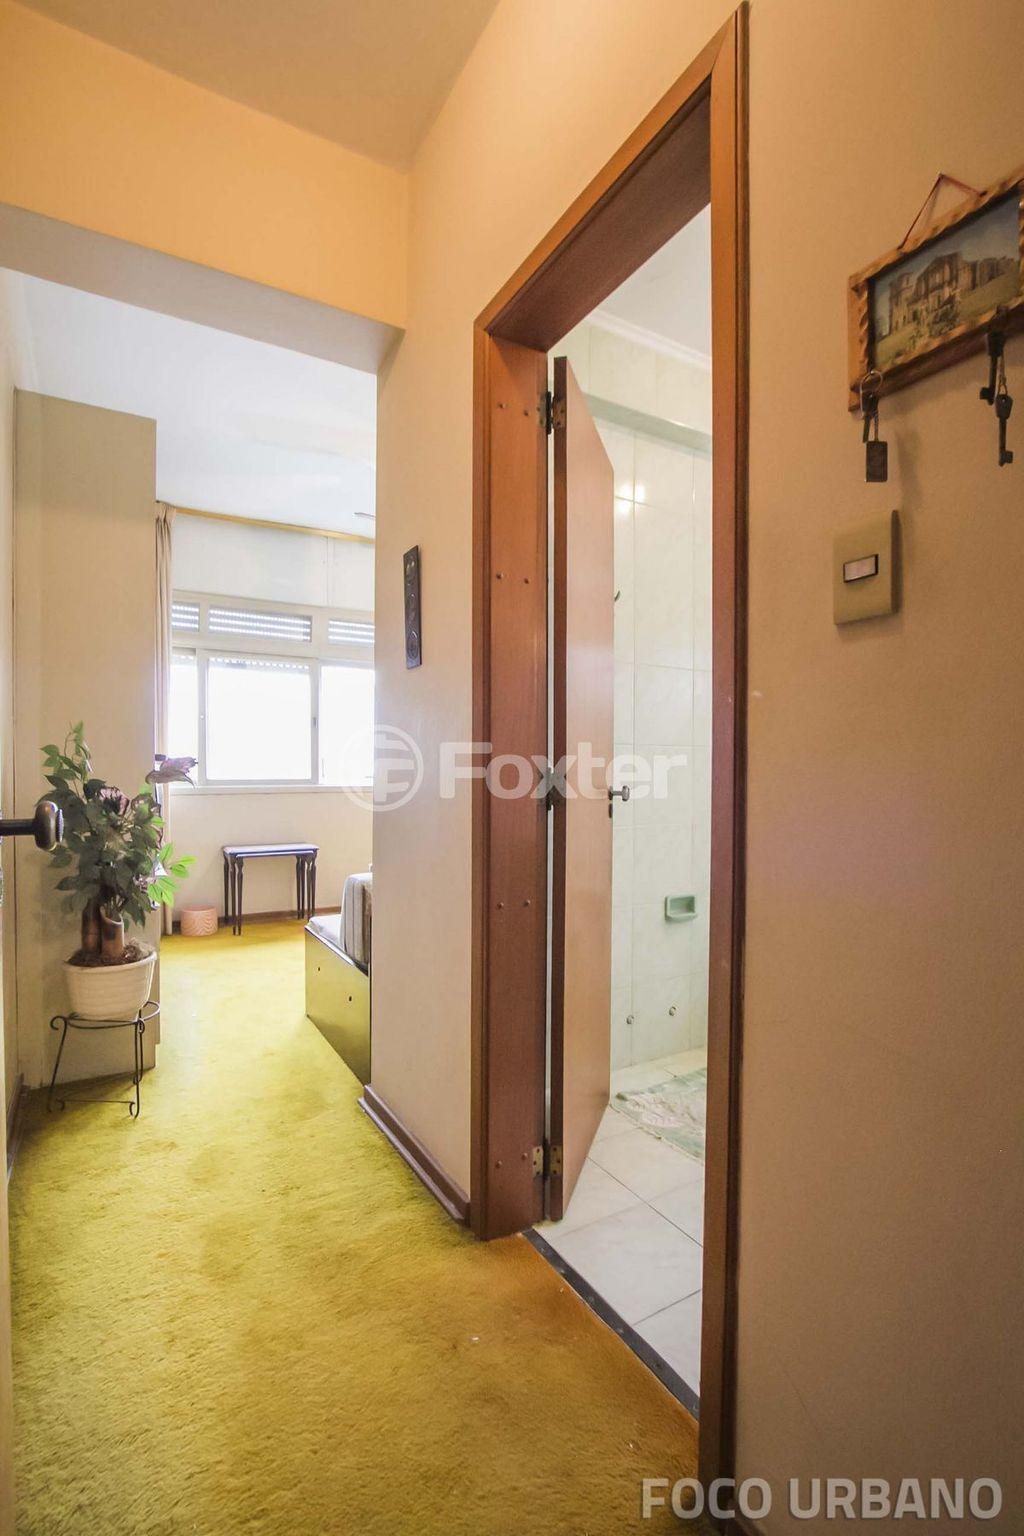 Foxter Imobiliária - Apto 2 Dorm, Independência - Foto 23